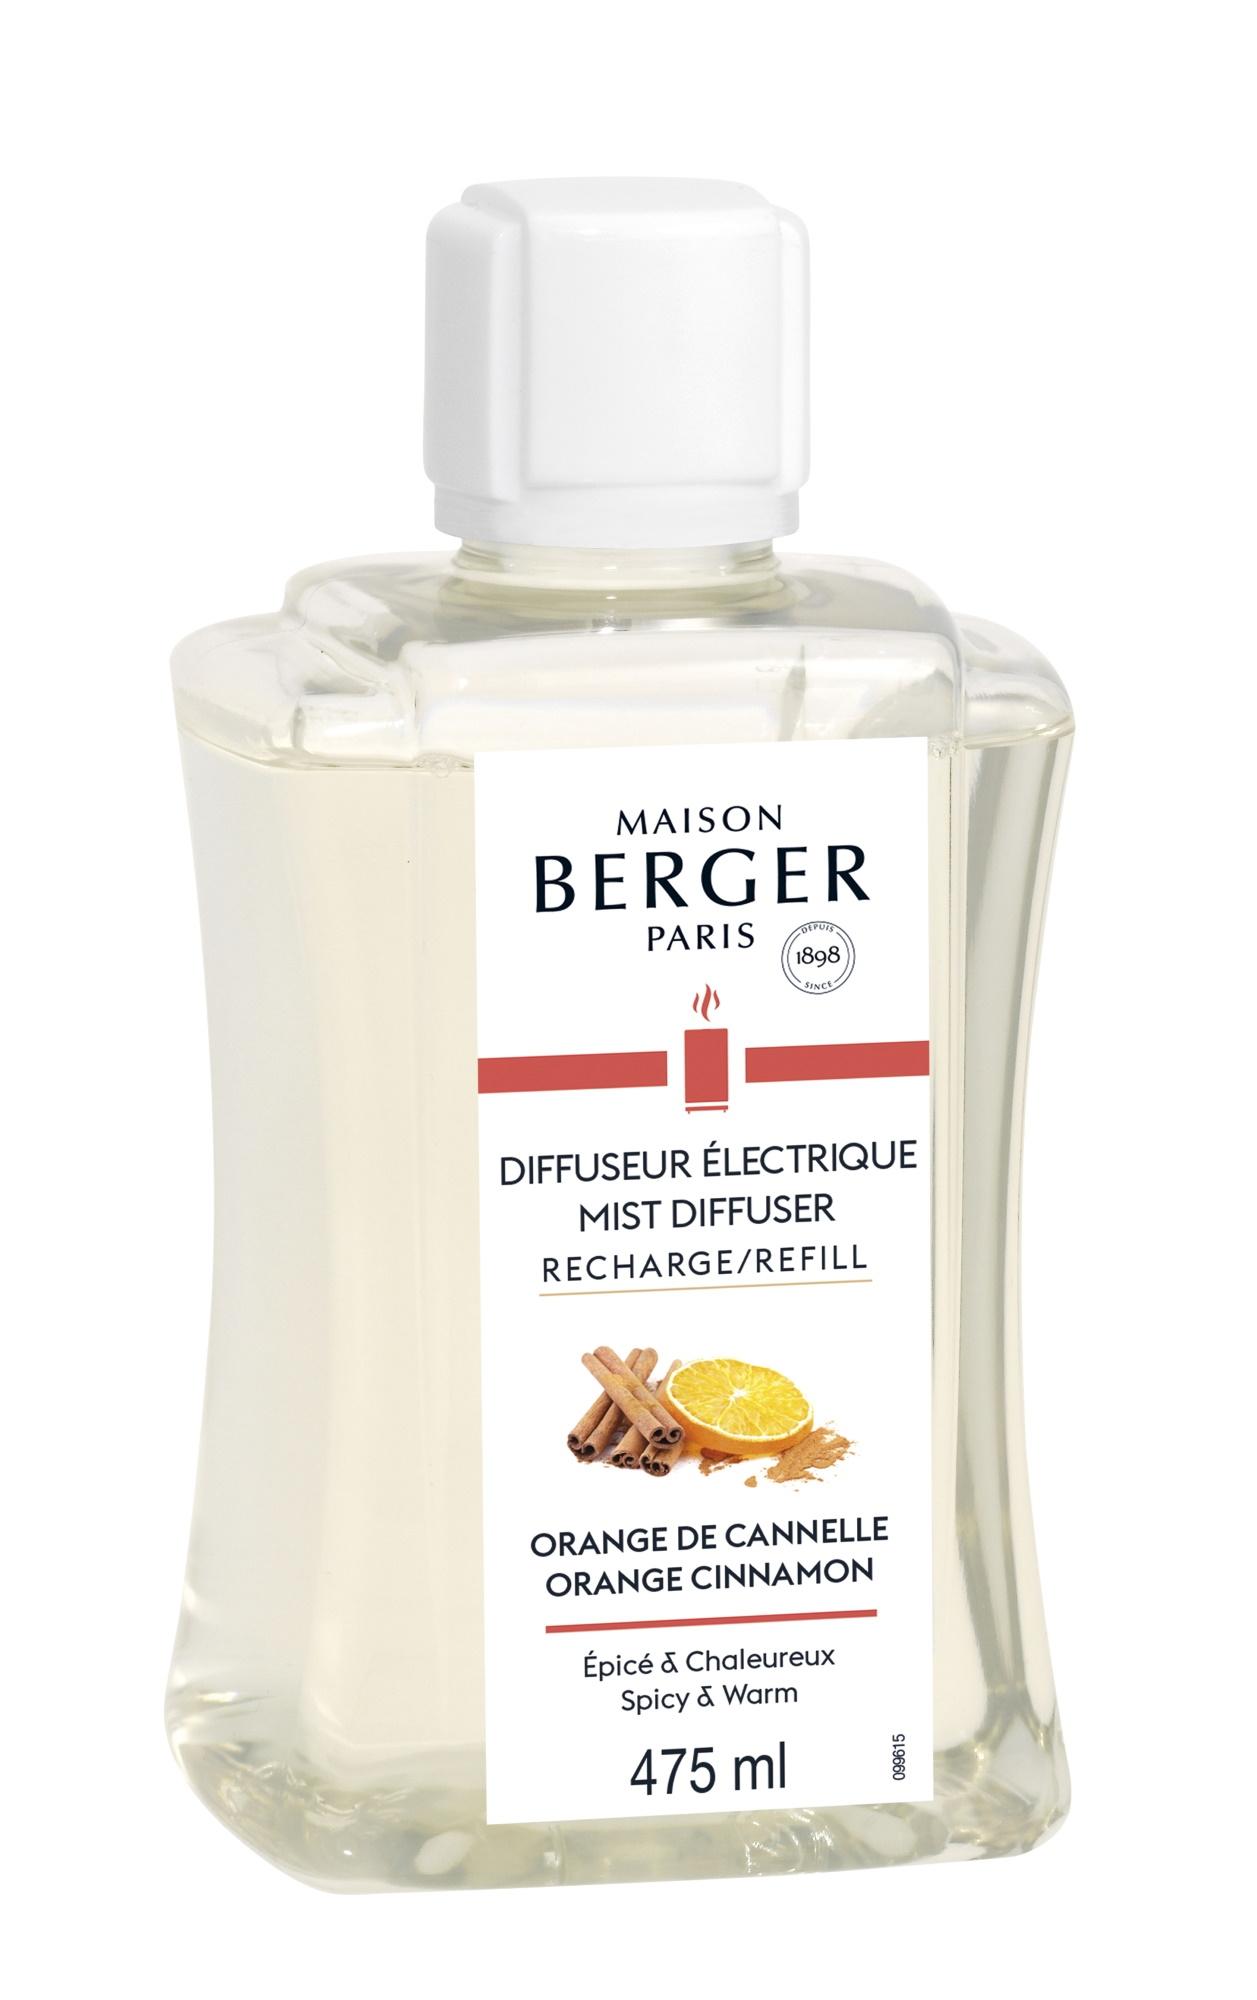 Parfum pentru difuzor ultrasonic Berger Orange de Cannelle 475ml poza